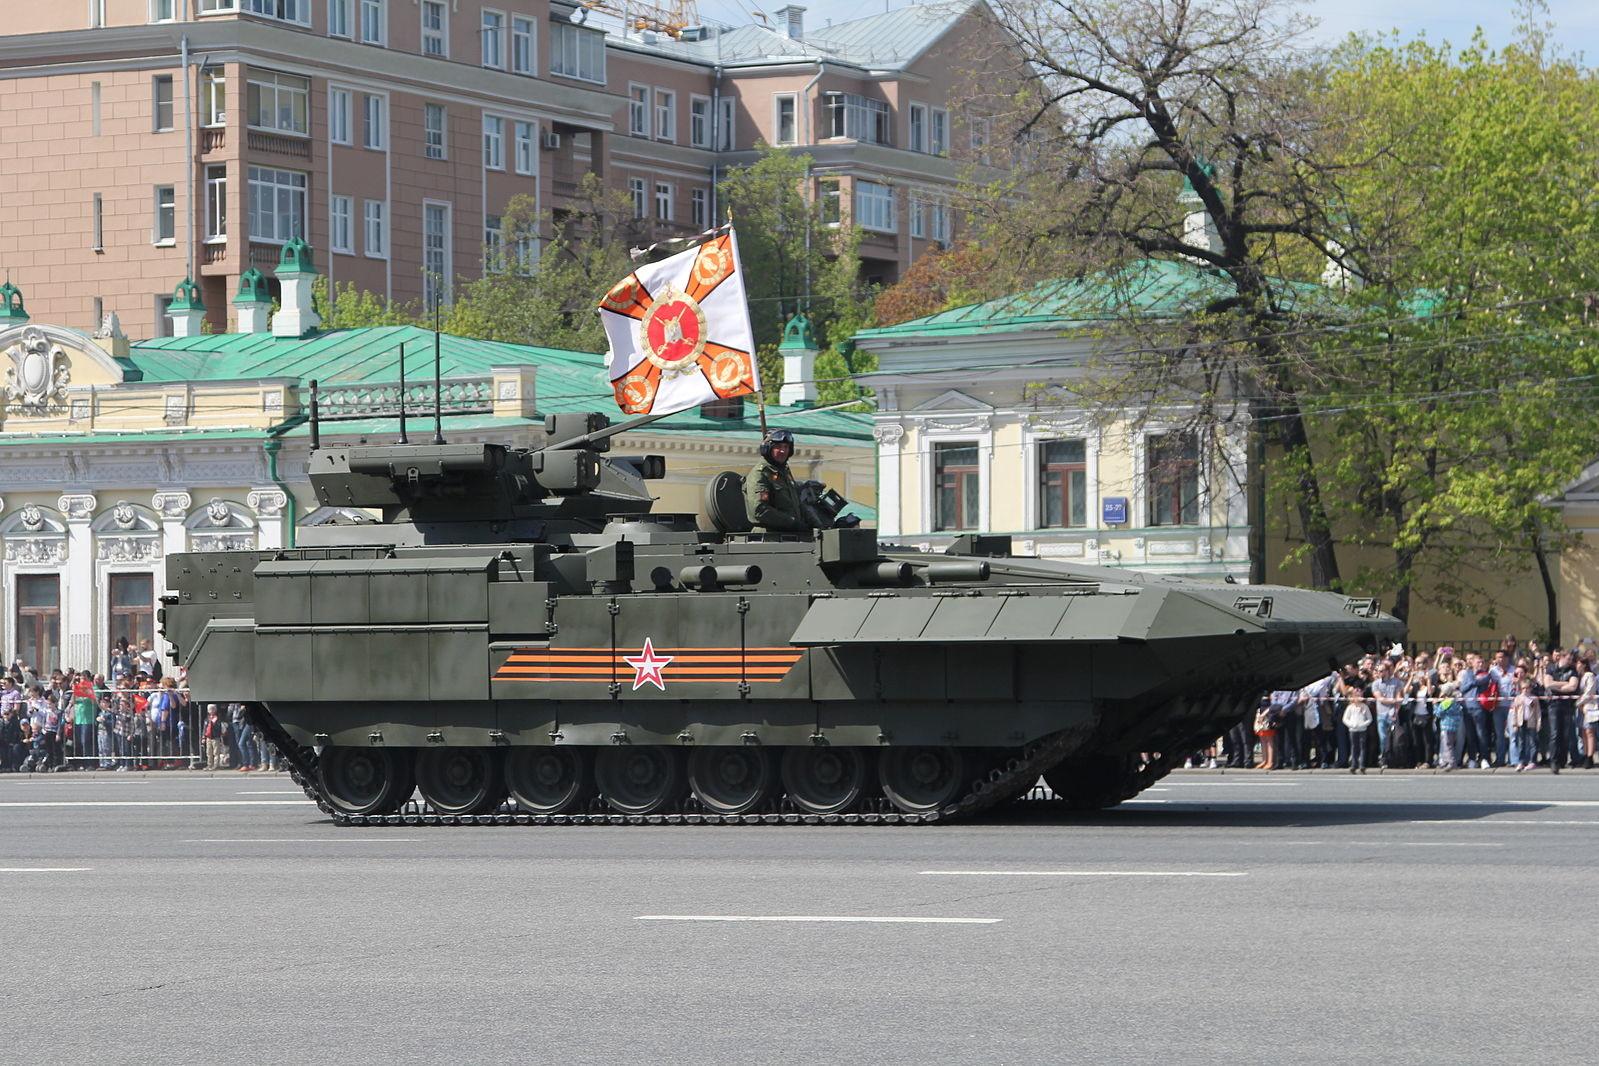 """Тешко борбено возило пешадије Т-15 """"Армата"""""""